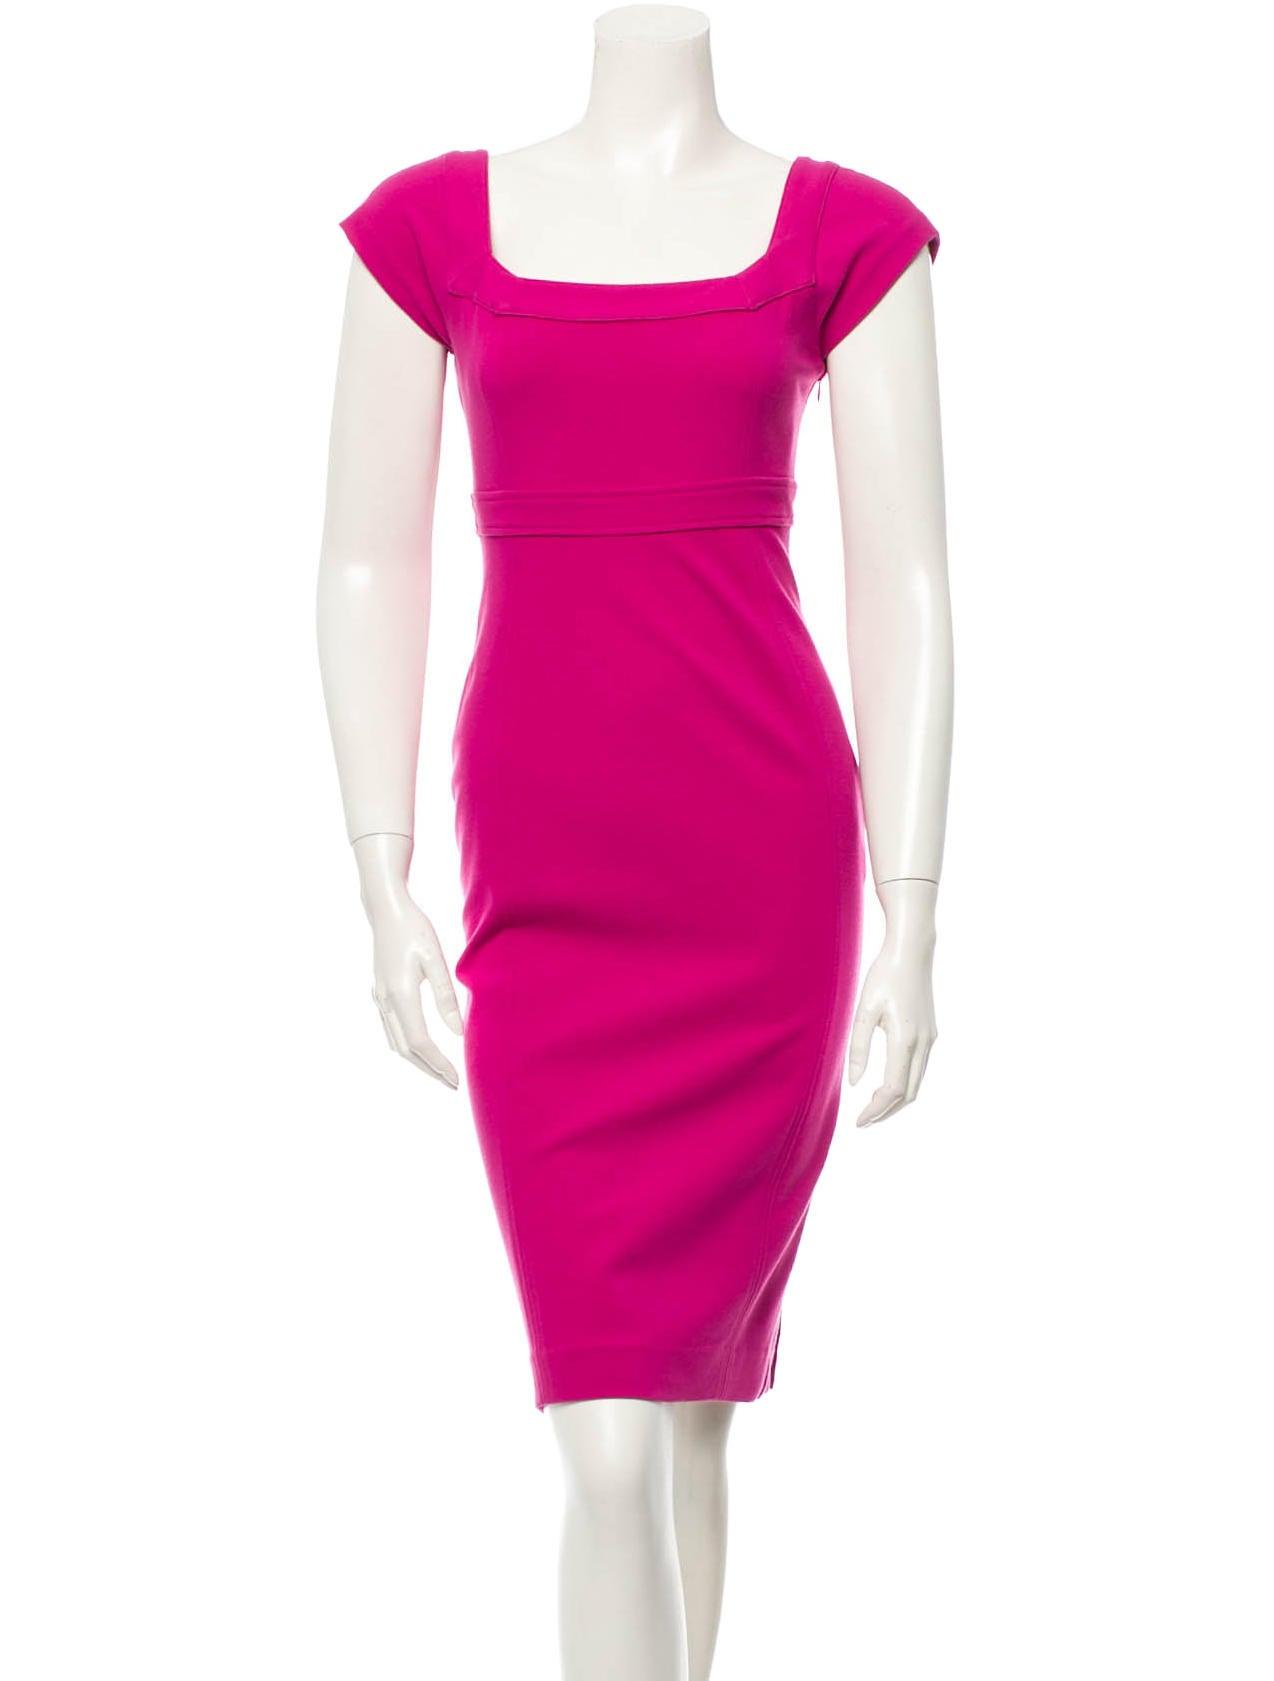 Diane von furstenberg dress clothing wdi43037 the for Diane von furstenberg shirt